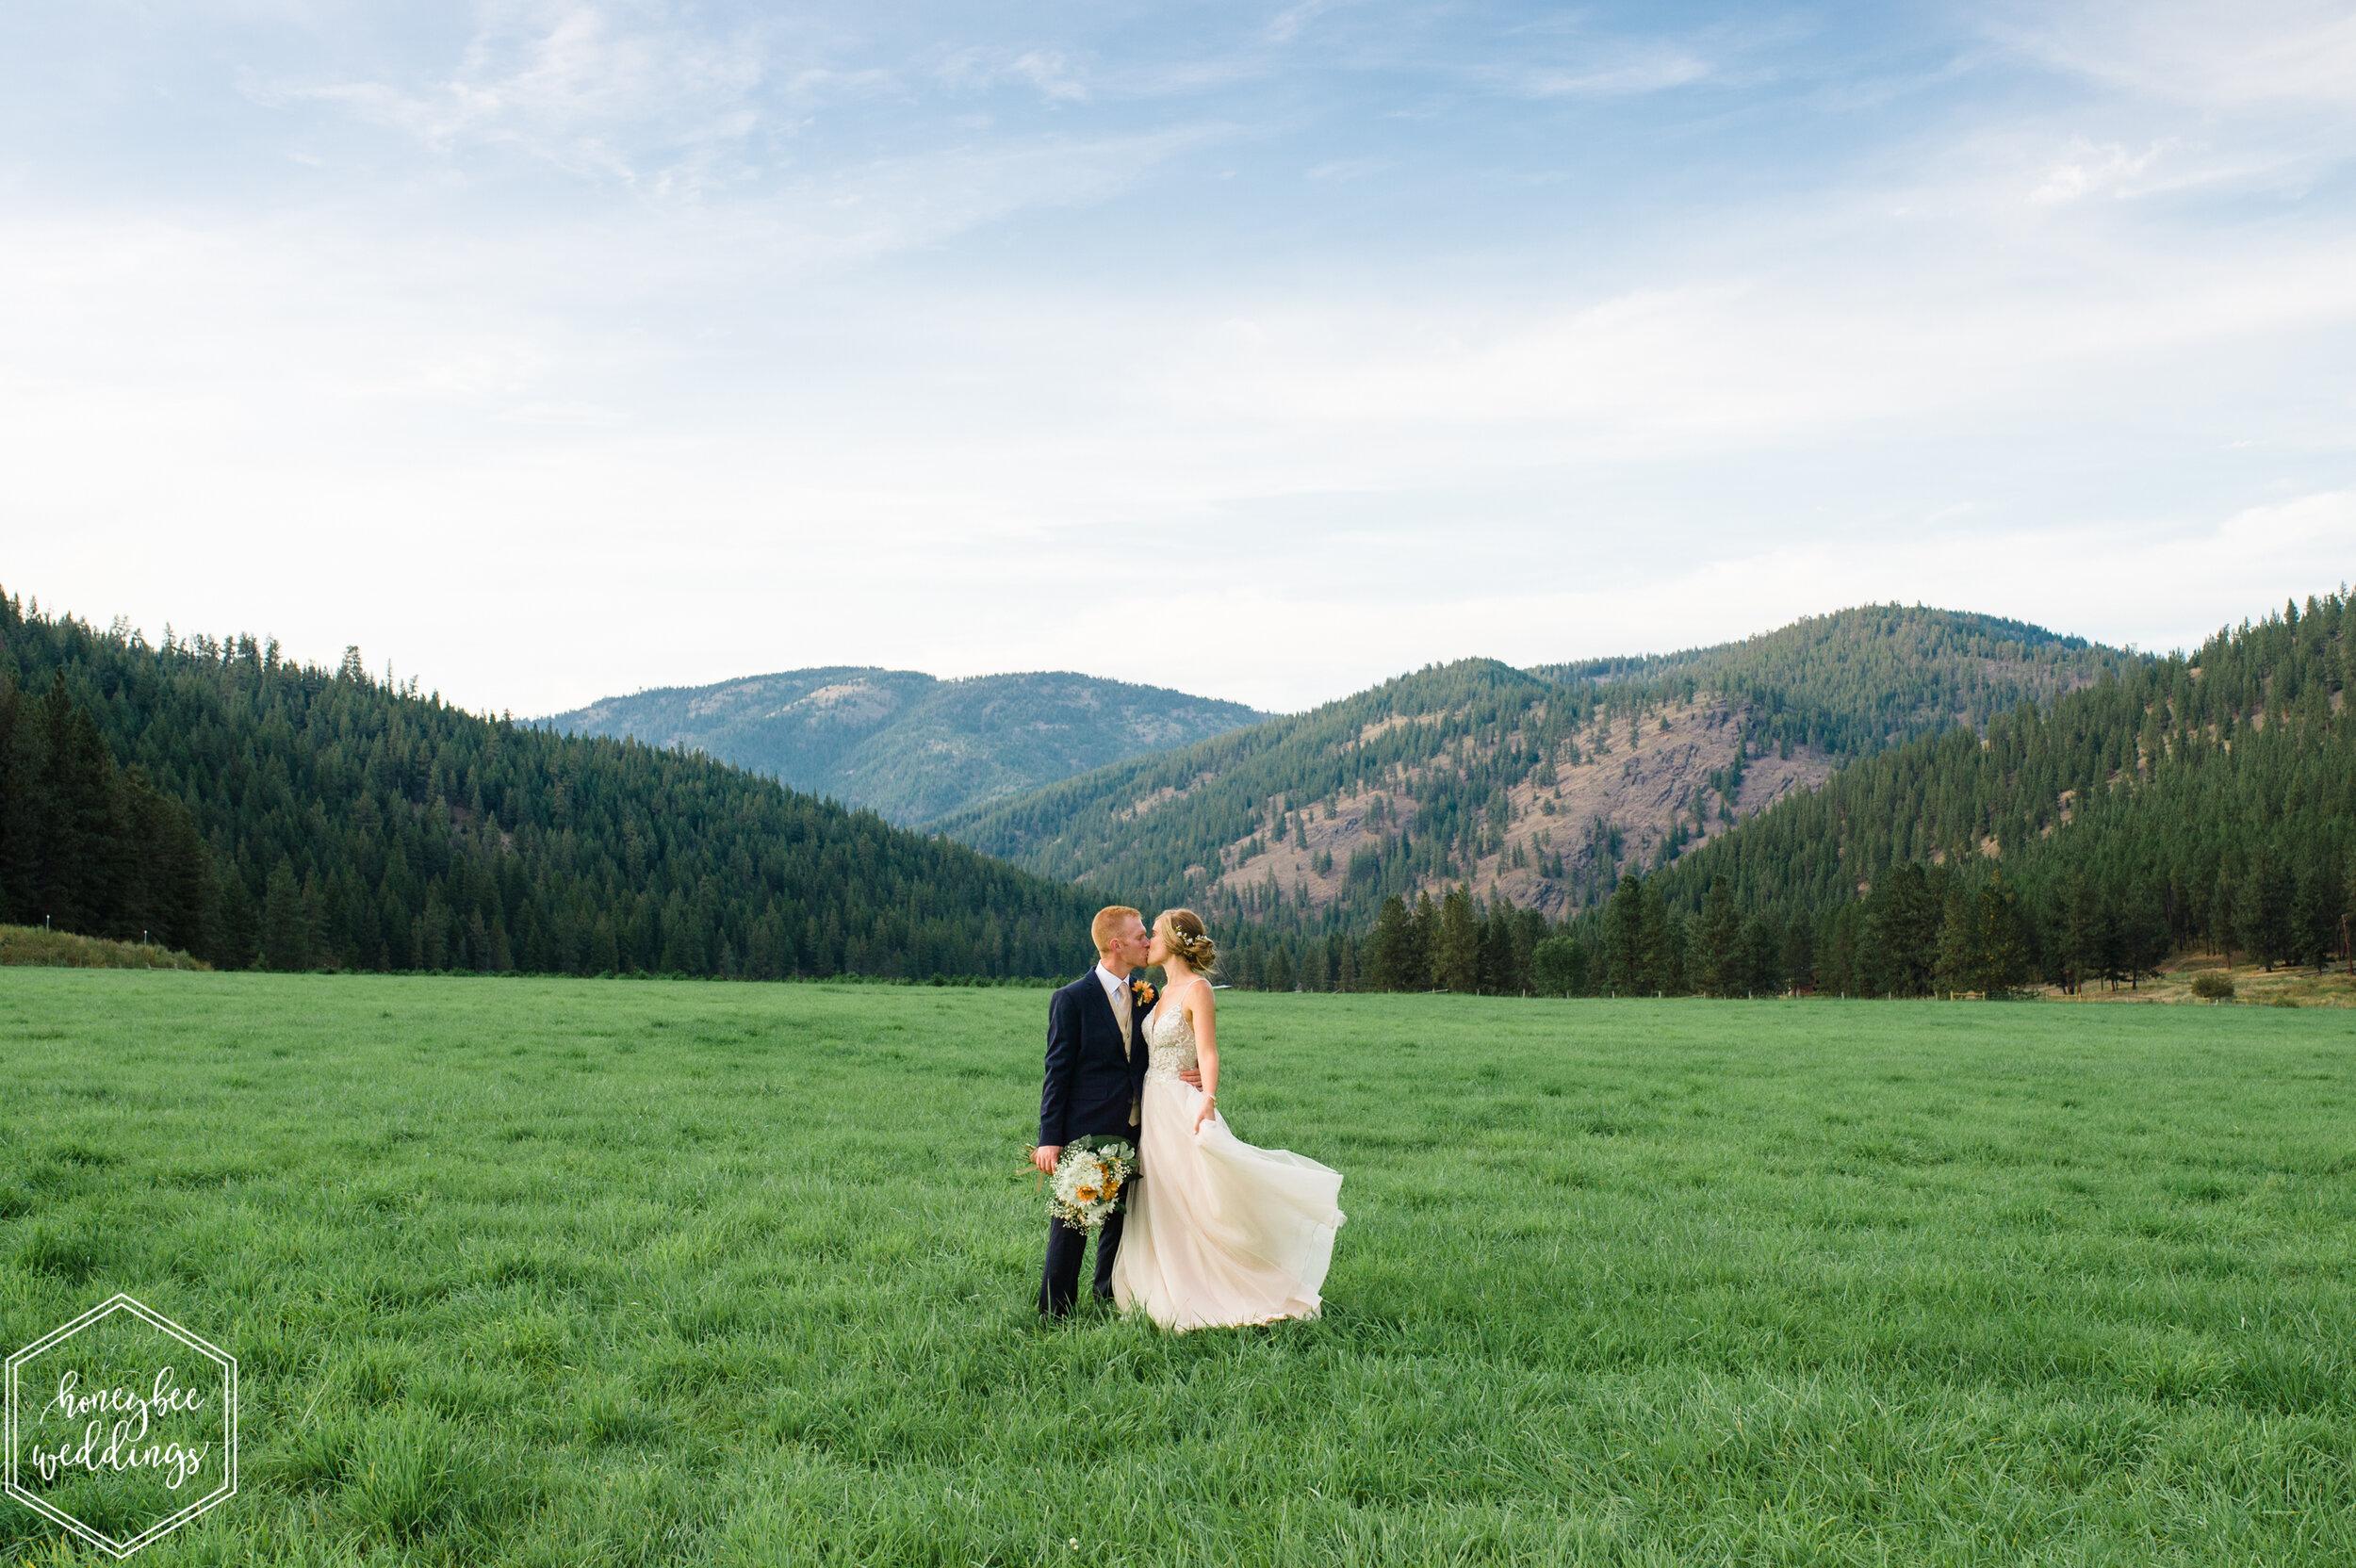 121Seven Mile Meadows Wedding_Montana Wedding Photographer_Jamie & Wes_Honeybee Weddings_September 07, 2019-1711.jpg